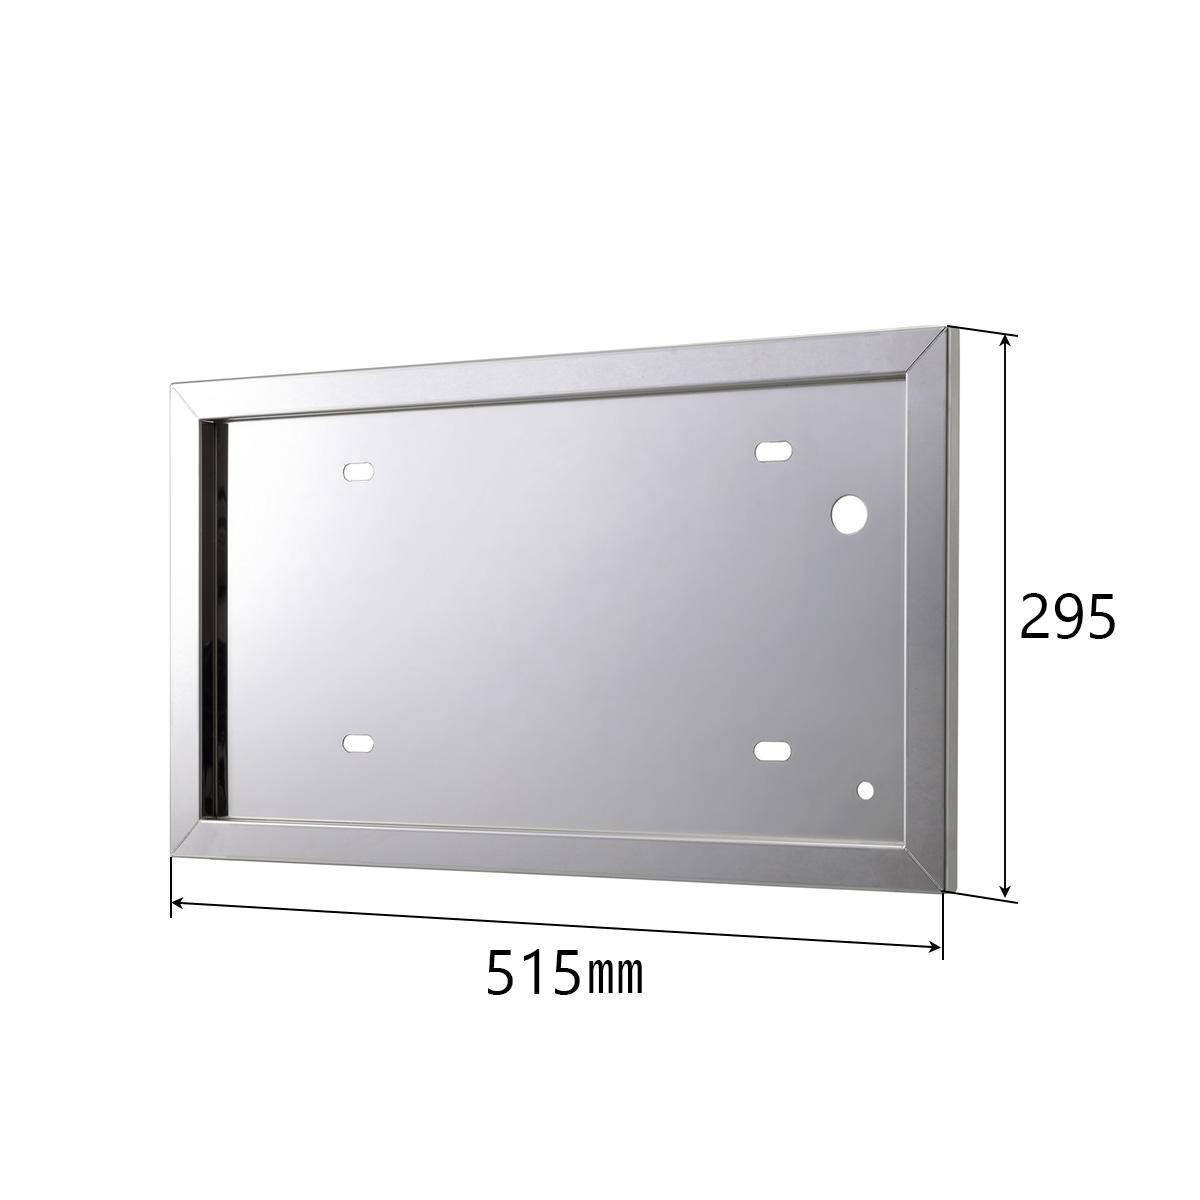 ナンバープレート枠 大型 鏡面タイプ ステンレス 25角 字光No対応 日本製